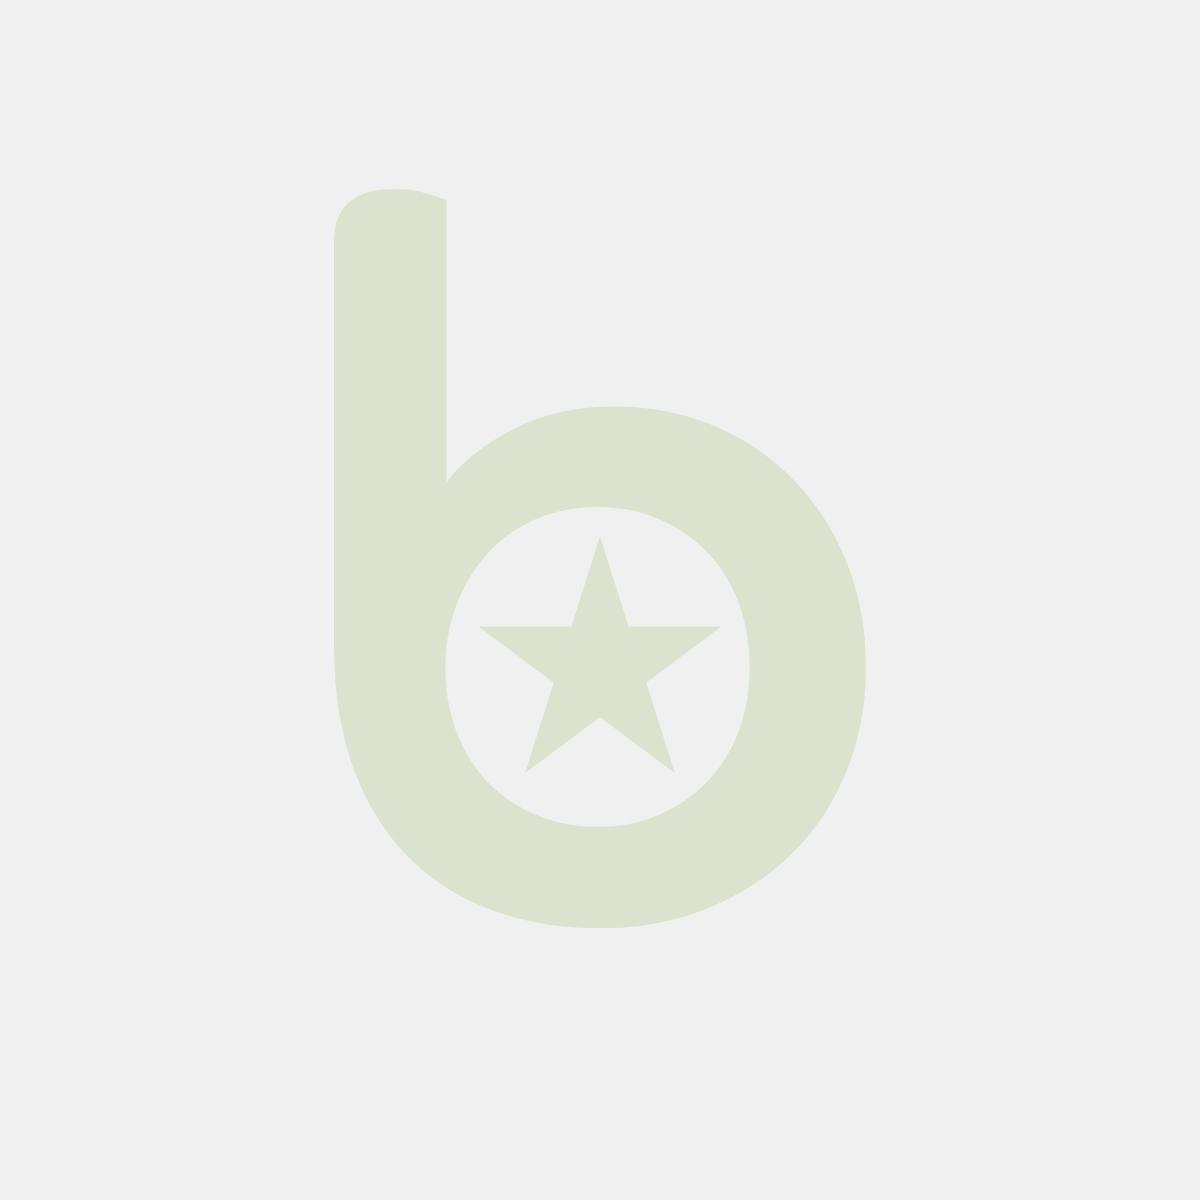 """FINGERFOOD - Miseczki z drewna, 16,5 cm x 8,5 cm, """"łódka"""", opakowanie 50 sztuk"""